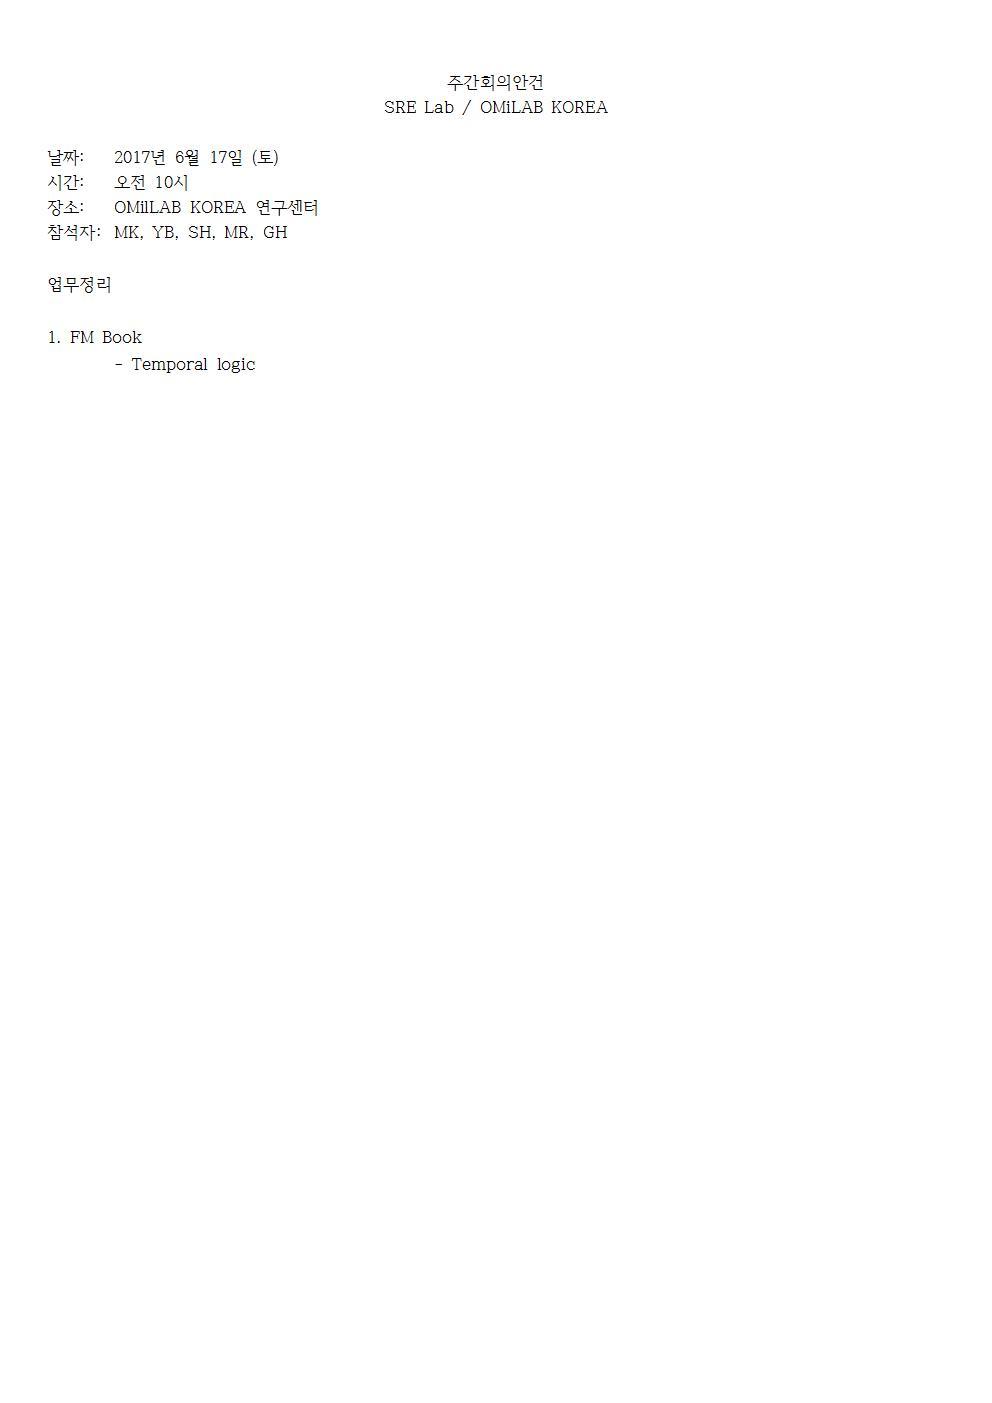 6-토-2017-06-17-PLAN(SH)001.jpg